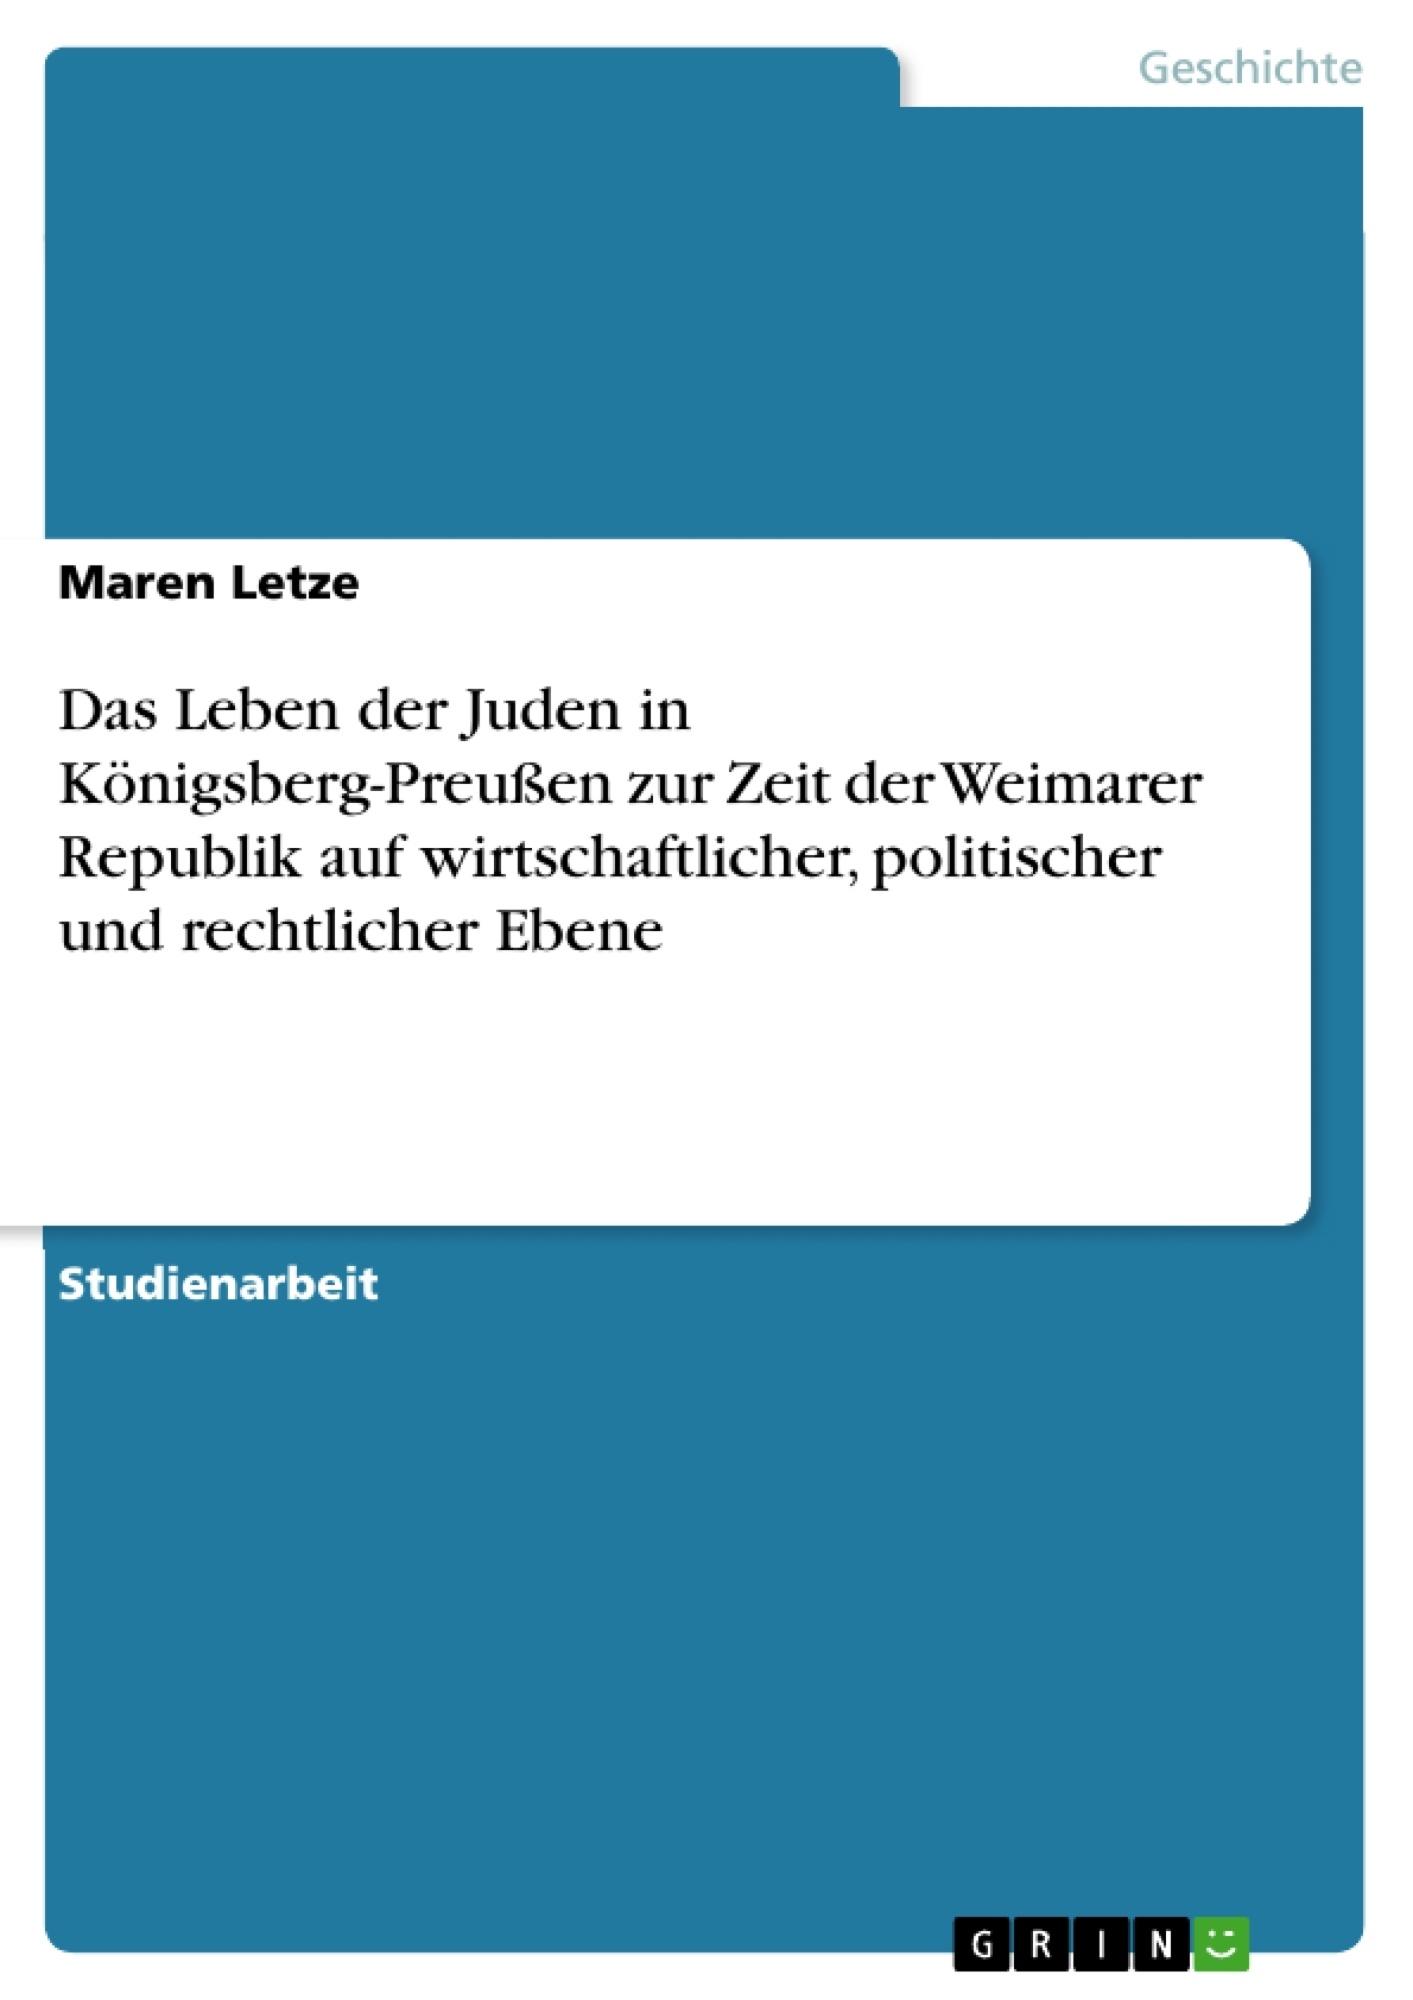 Titel: Das Leben der Juden in Königsberg-Preußen zur Zeit der Weimarer Republik auf wirtschaftlicher, politischer und rechtlicher Ebene